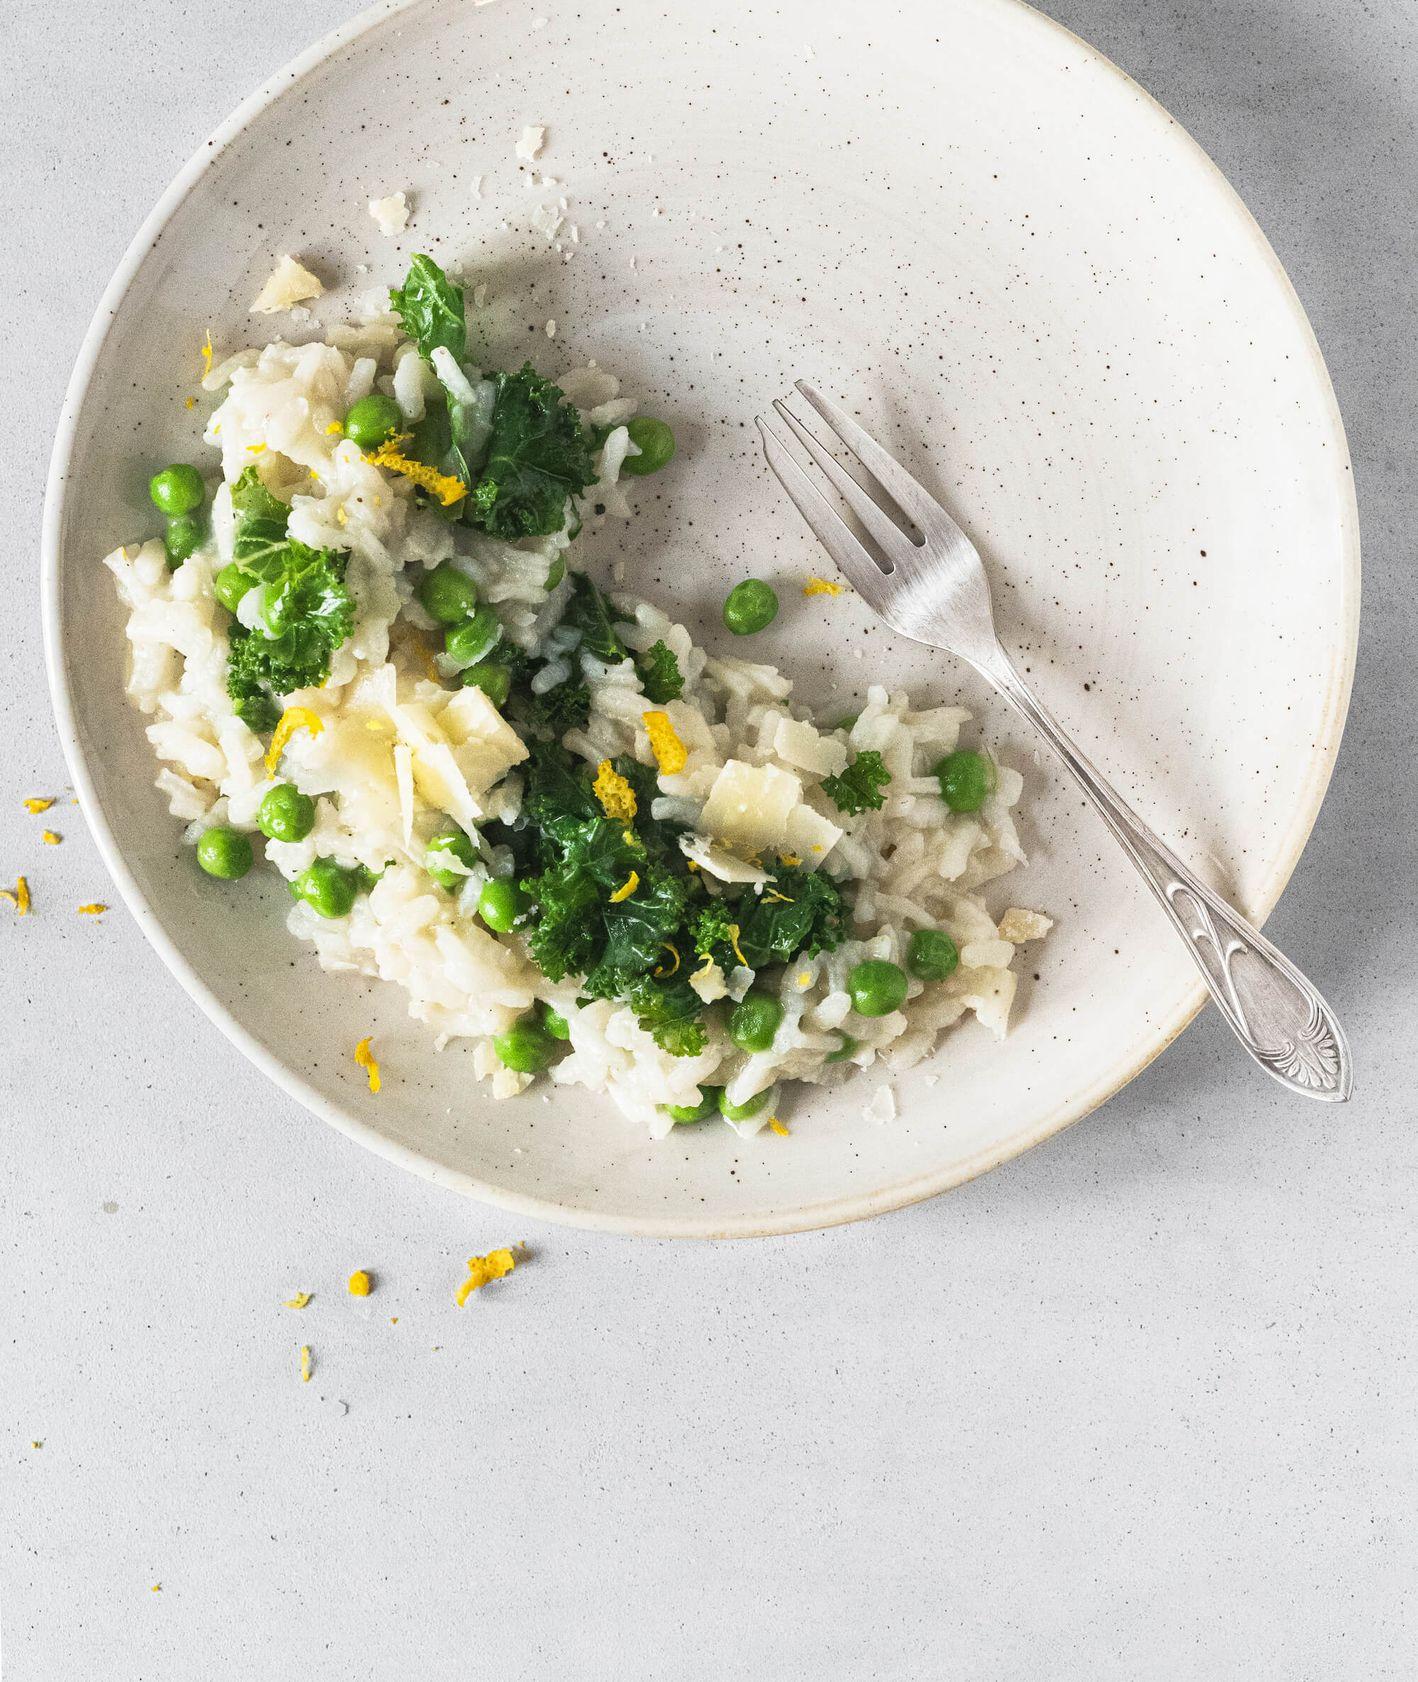 Lekki i sycący obiad -  Cytrynowe risotto z jarmużem (fot. Angela Matlak)